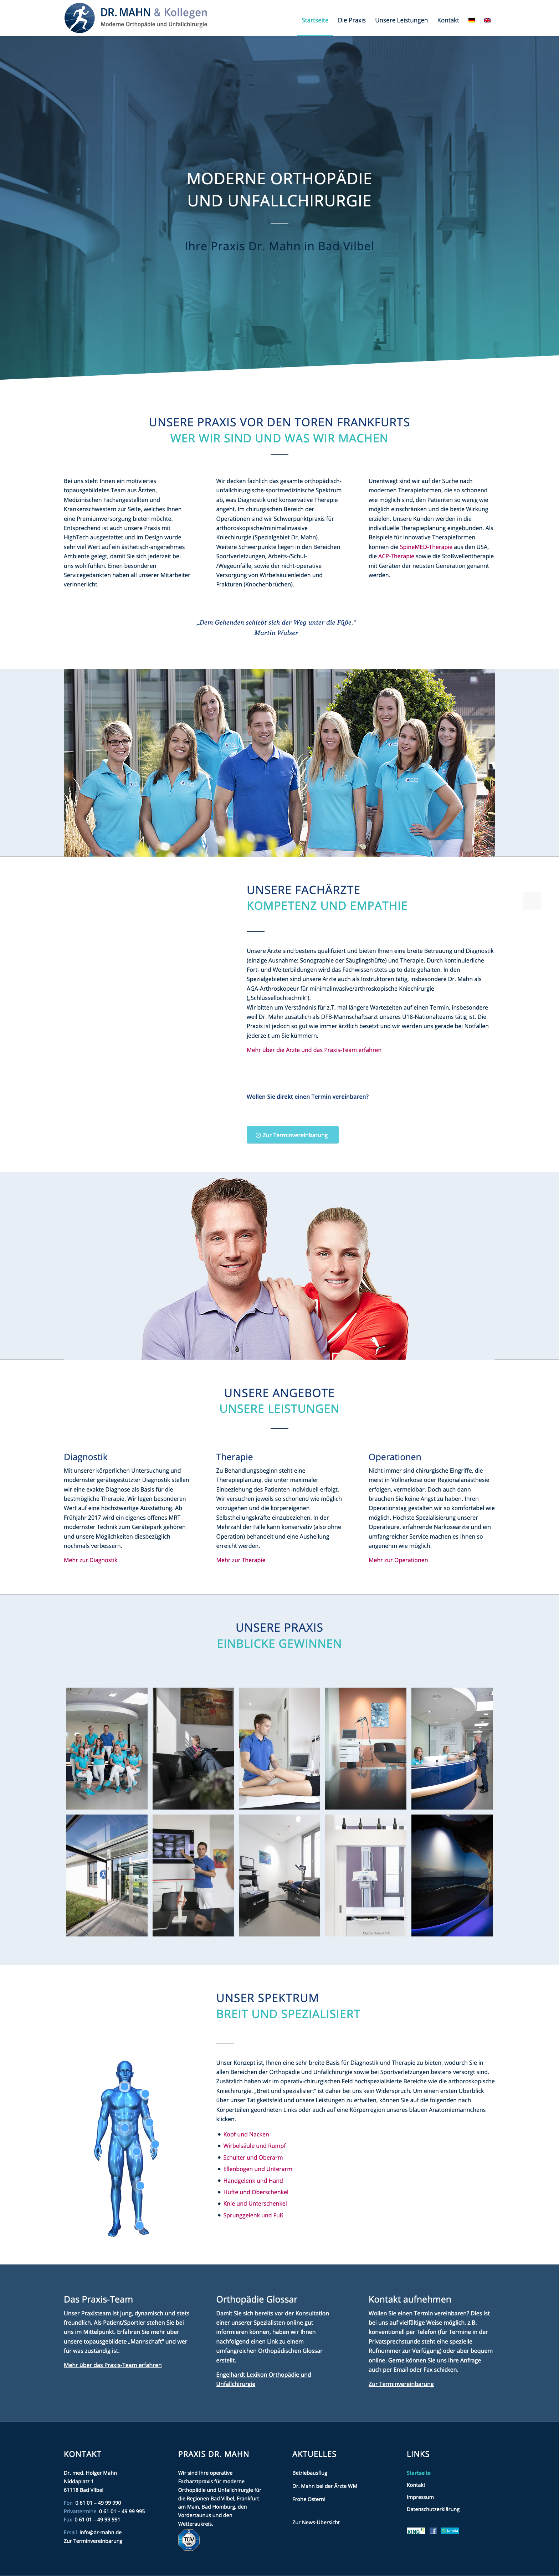 Responsive Webdesign – Orthopäde, Bad Vilbel